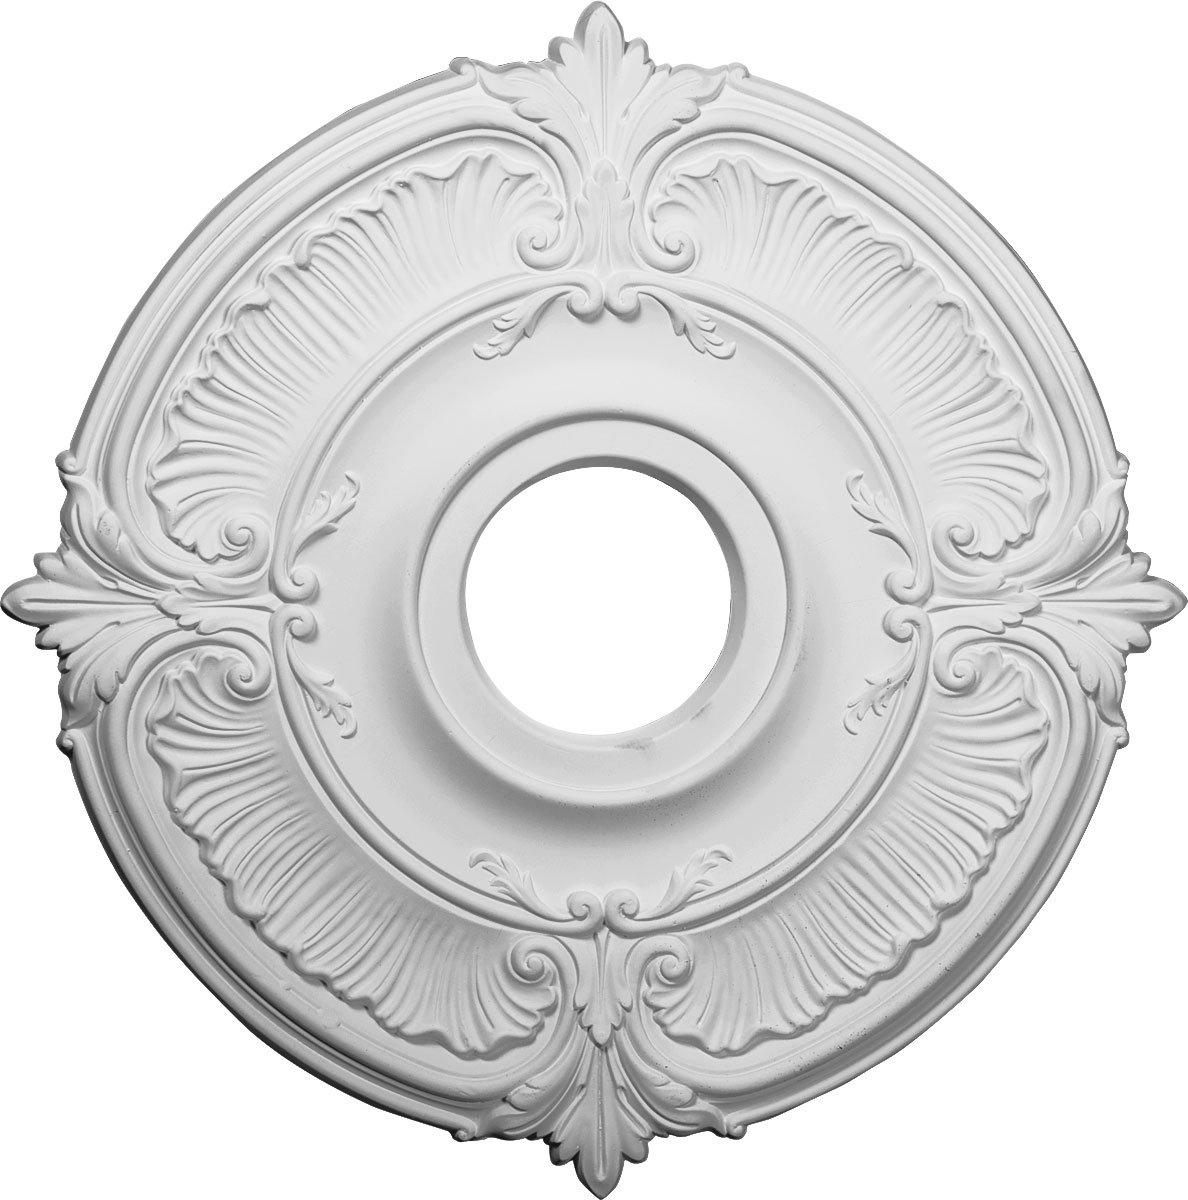 Ekena Millwork CM18AT 18-Inch OD x 4-Inch ID x 5/8-Inch Attica Ceiling Medallion by Ekena Millwork